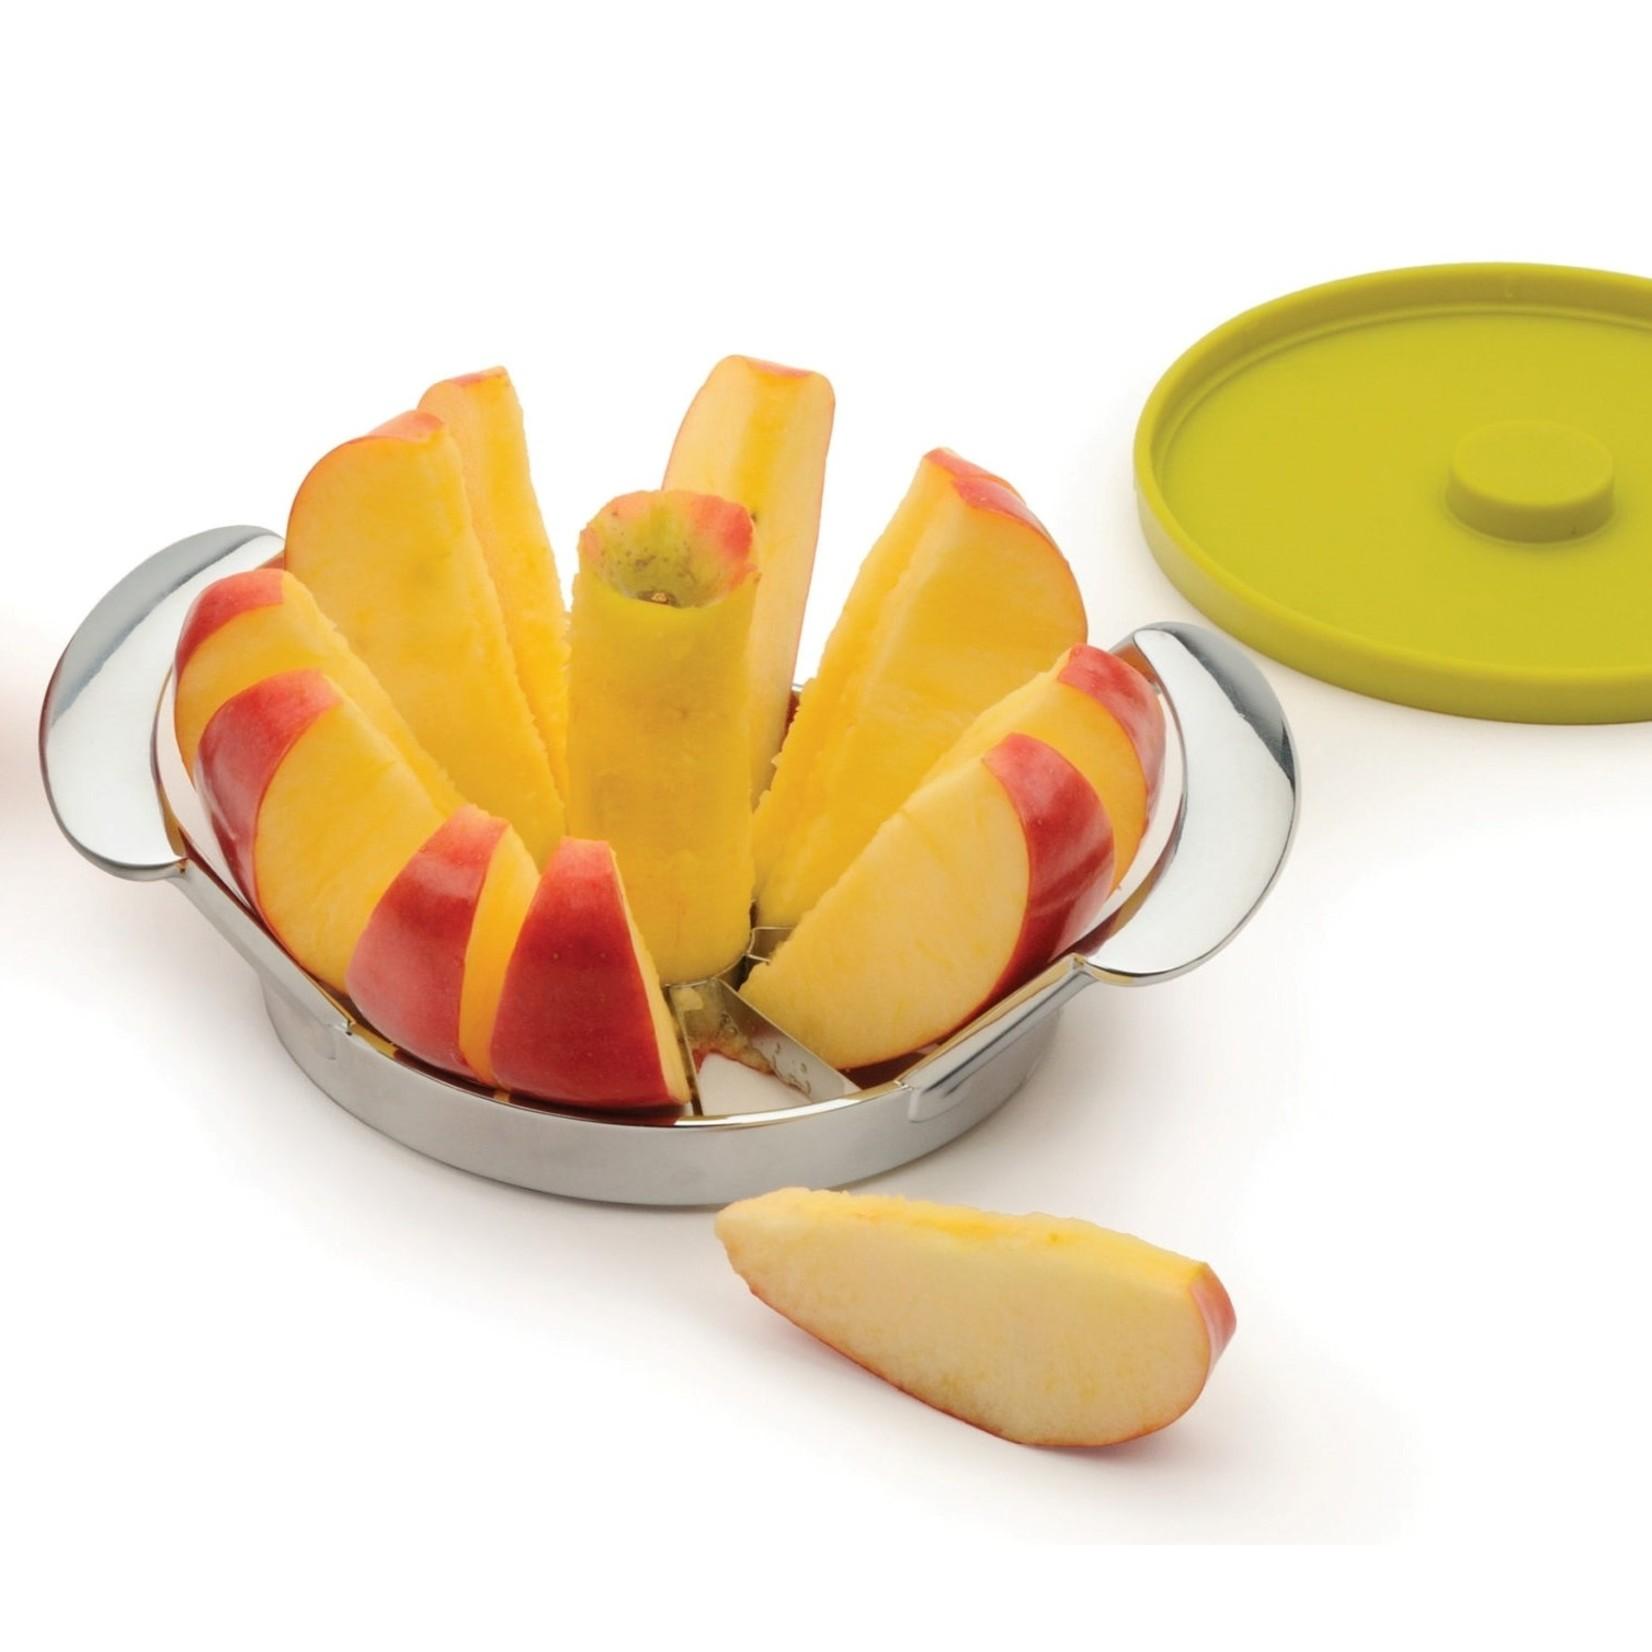 RSVP International Jumbo Apple Slicer